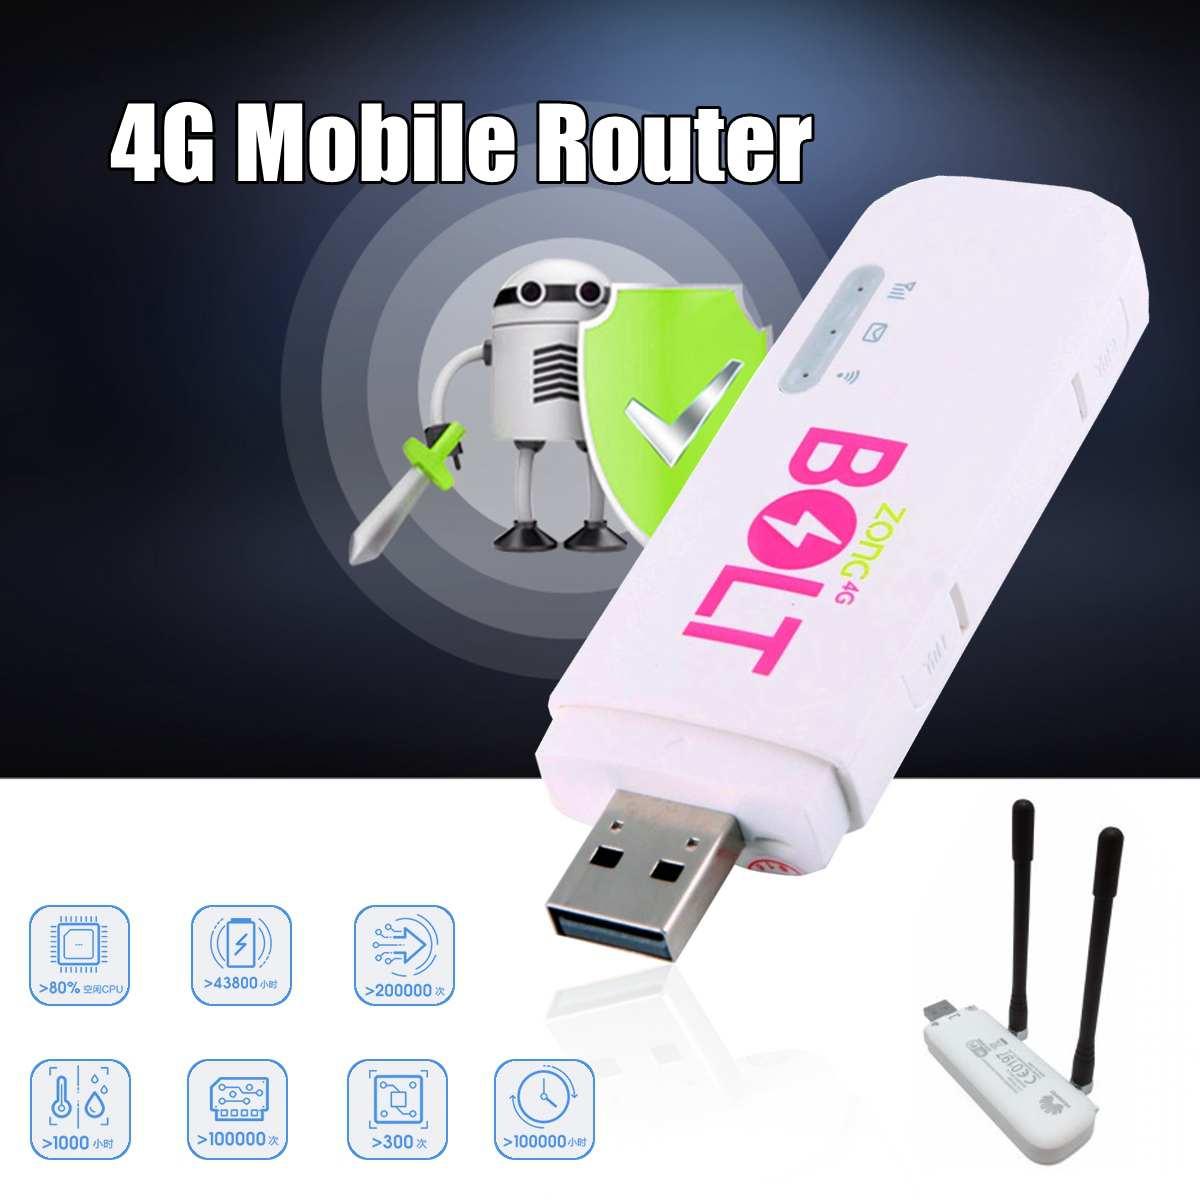 Routeur sans fil d'usb WIFI de Hotspot de voiture Mobile portative de 4G LTE avec l'antenne pour le modem sans fil de routeur déloqué par tablette de Smartphone